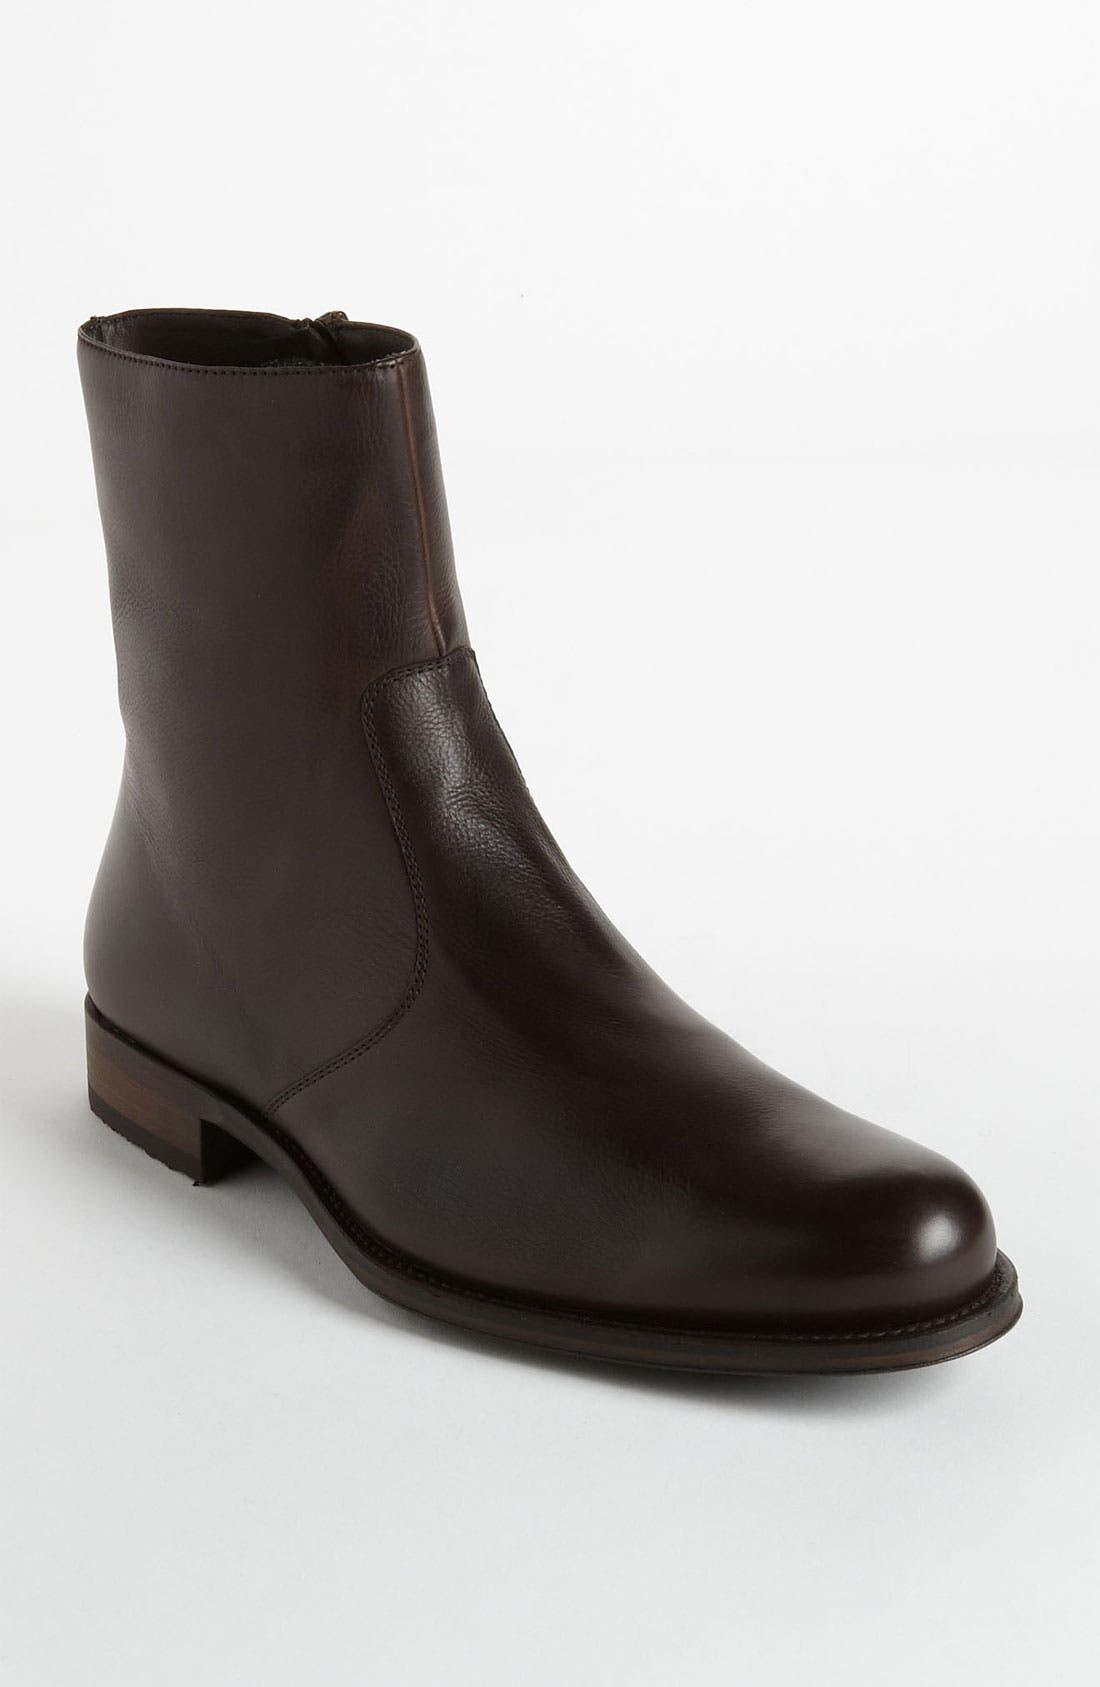 Main Image - Magnanni 'Sarto' Side Zip Boot